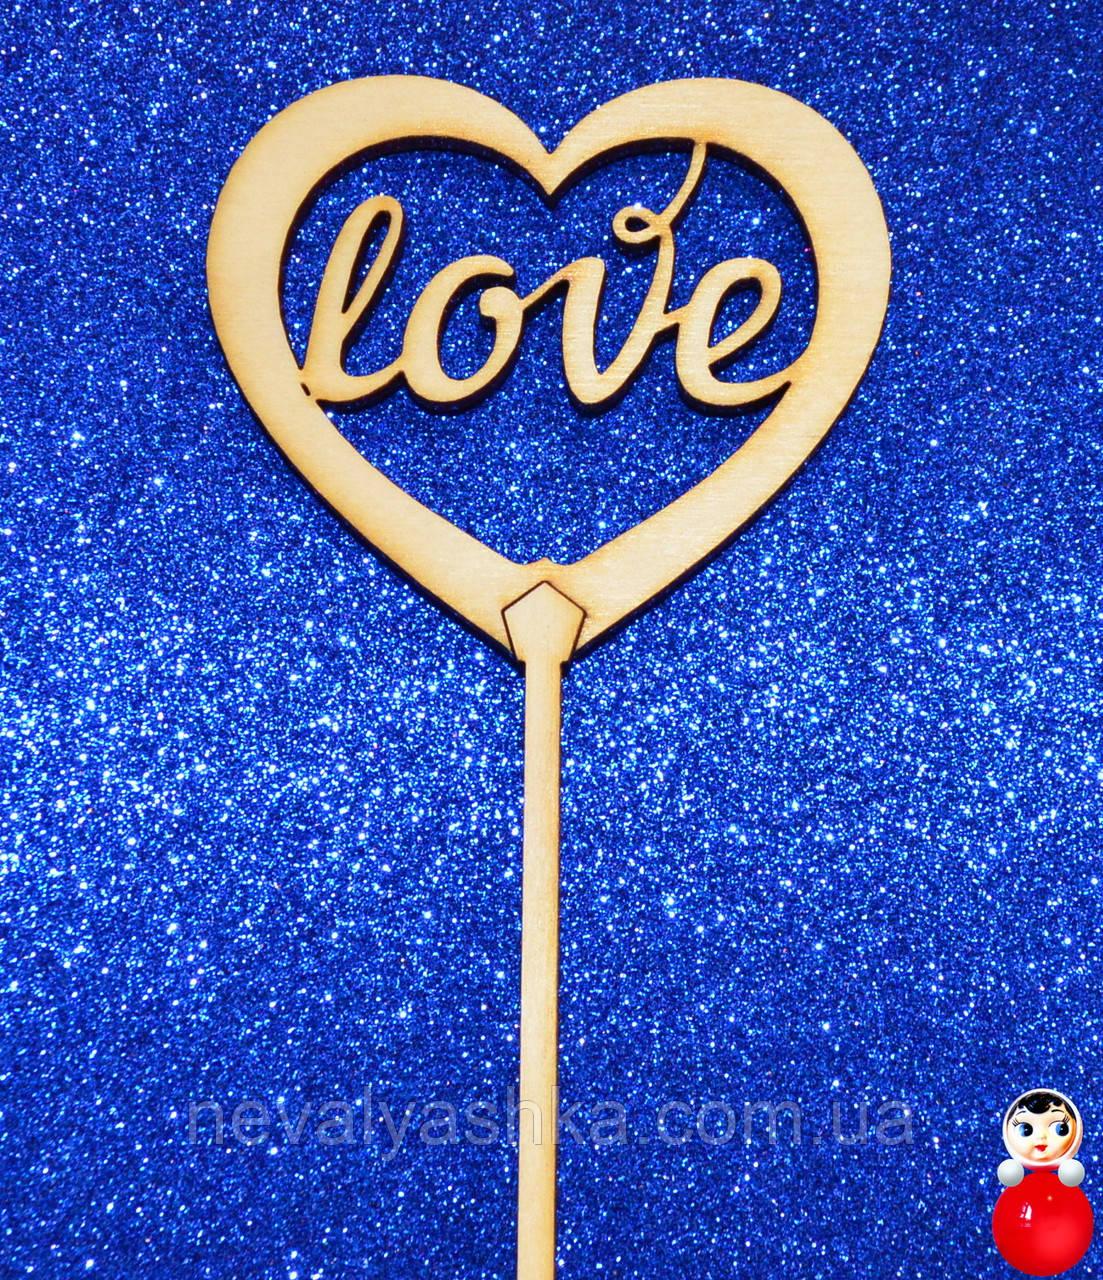 ТОППЕР ДЕРЕВЯННЫЙ LOVE Любовь Сердце Топперы для Торта Топер дерев'яний из дерева на капкейки и торты